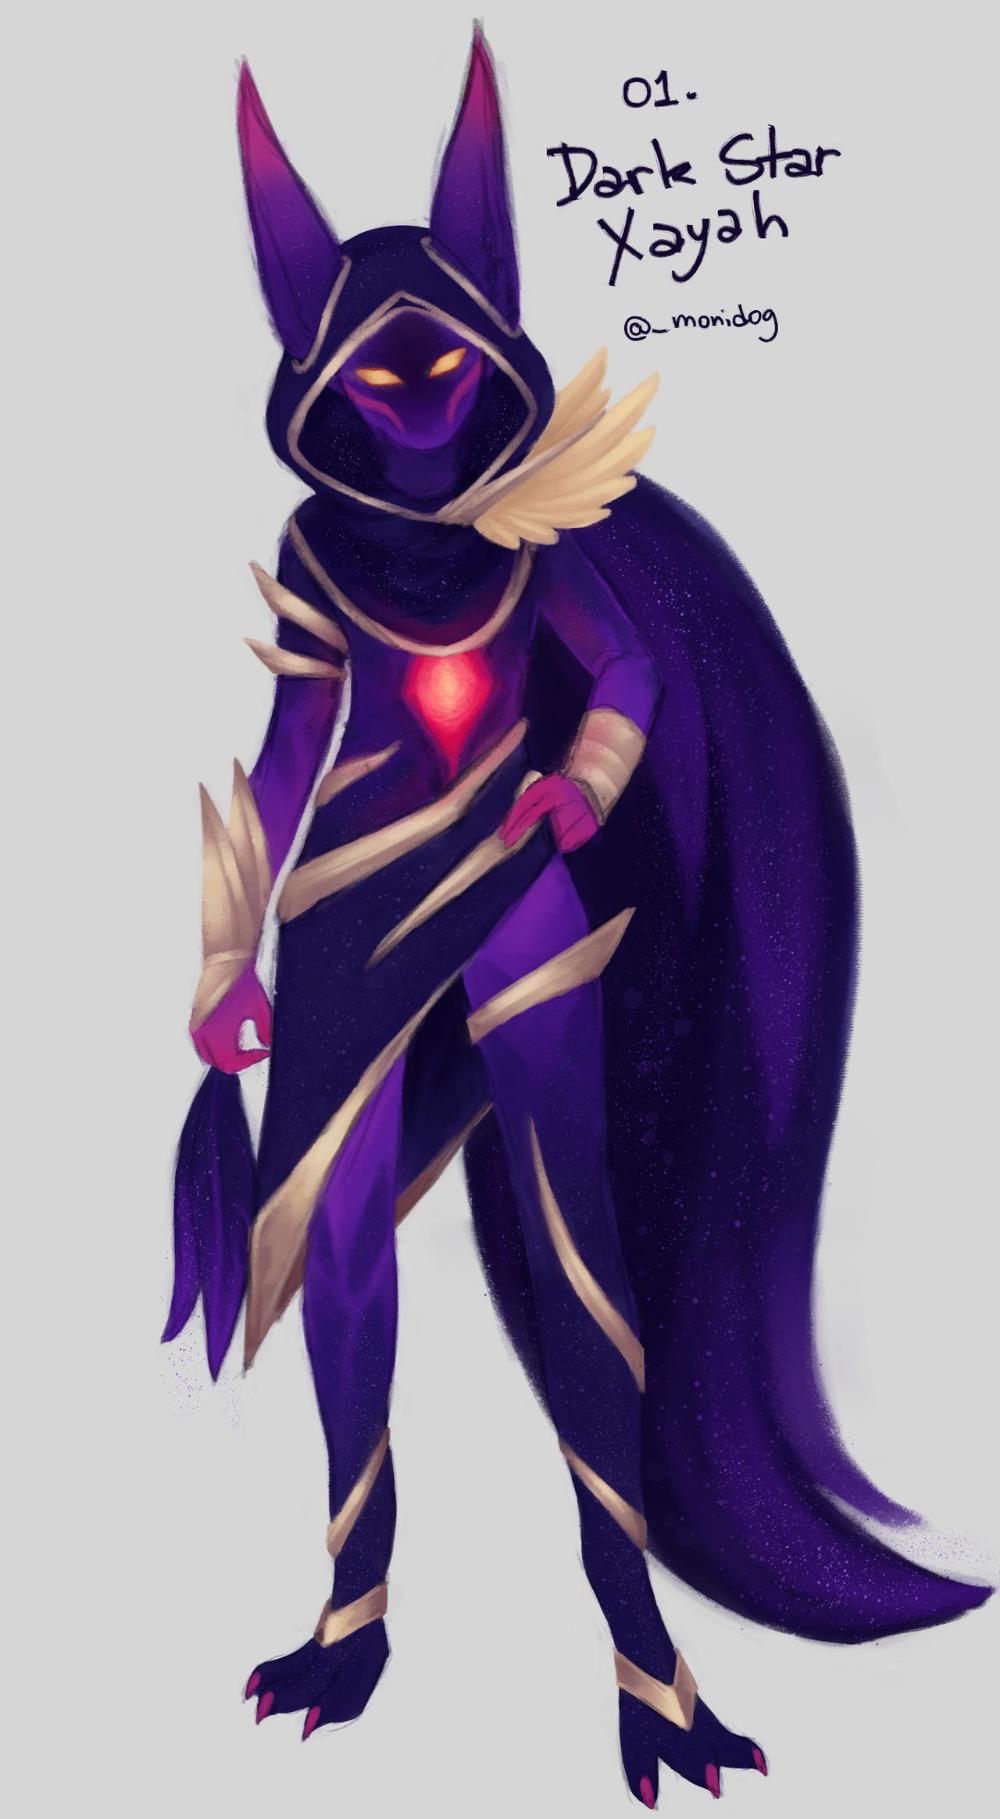 Dark Star Xayah by moniidog on DeviantArt Arte de anime